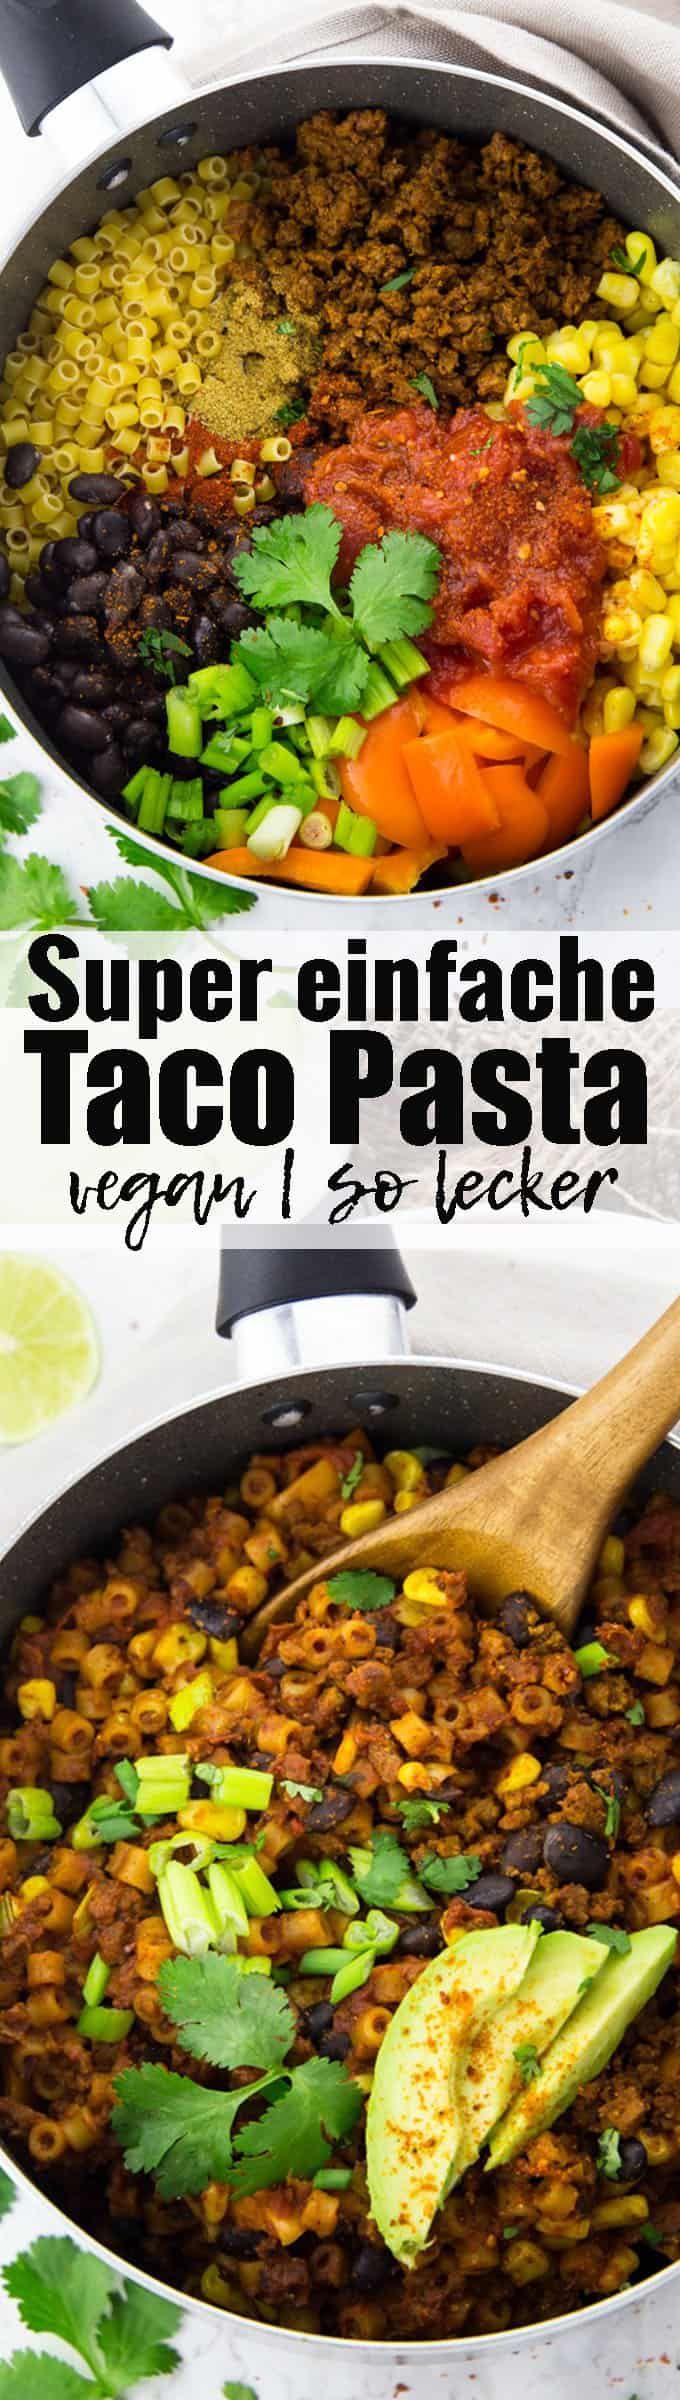 Super leckeres und einfaches veganes Rezept für Taco Pasta mit schwarzen Bohnen und Mais. So ein richtiges Wohlfühlessen und perfekt als schnelles Abendessen! Mehr vegane Rezepte findet ihr auf veganheaven.de ! via @veganheavende